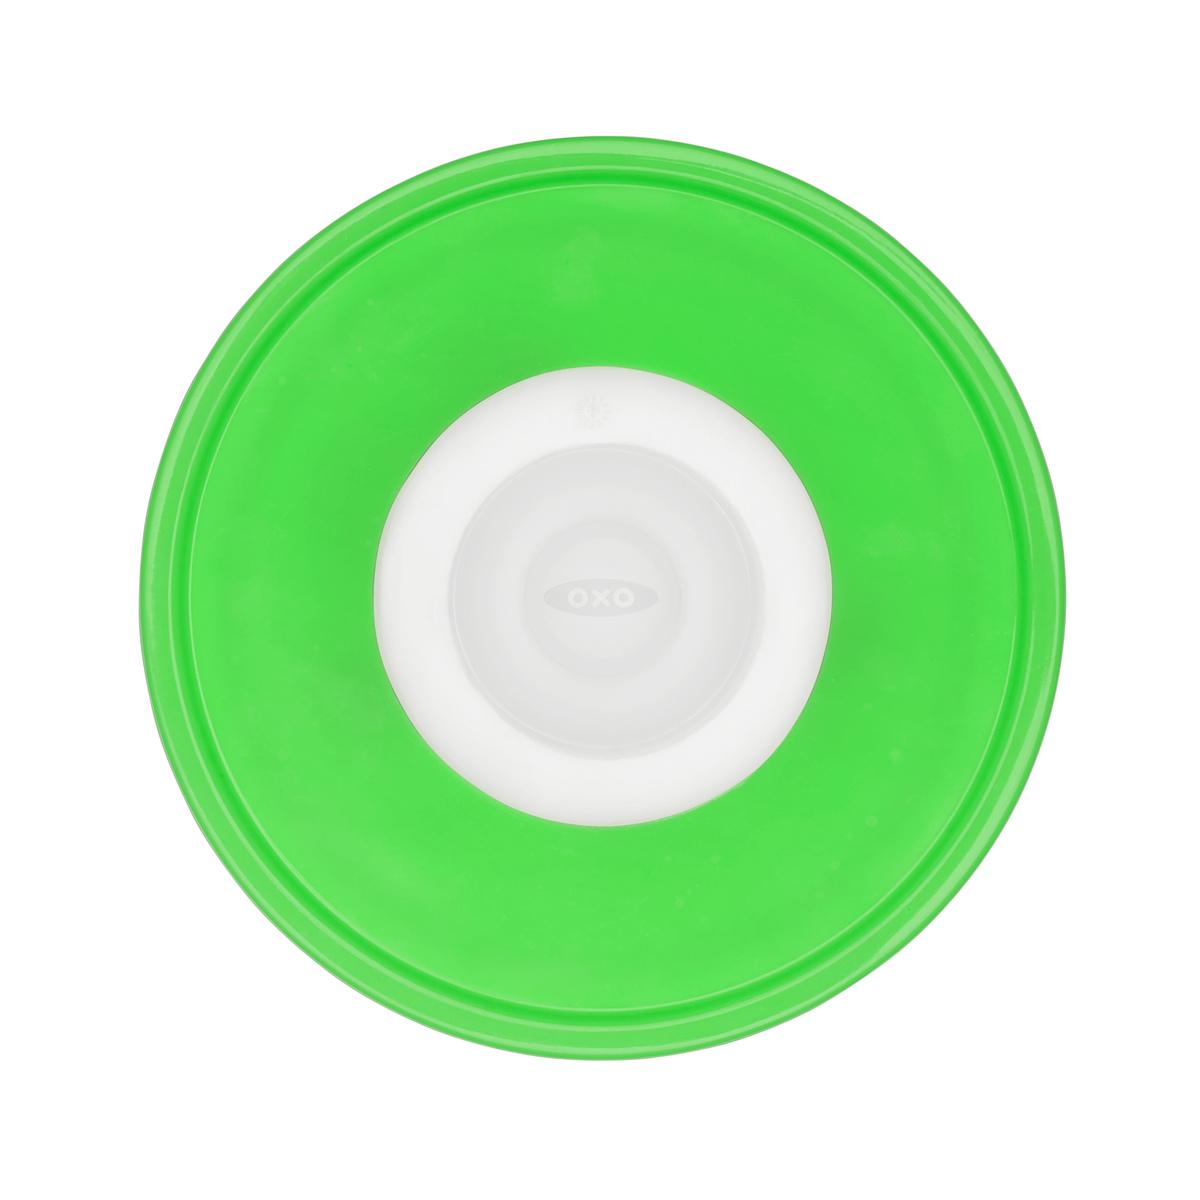 Онлайн каталог PROMENU: Крышка силиконовая маленькая OXO FOOD STORAGE, диаметр 15,2 см, зеленый OXO 11242300